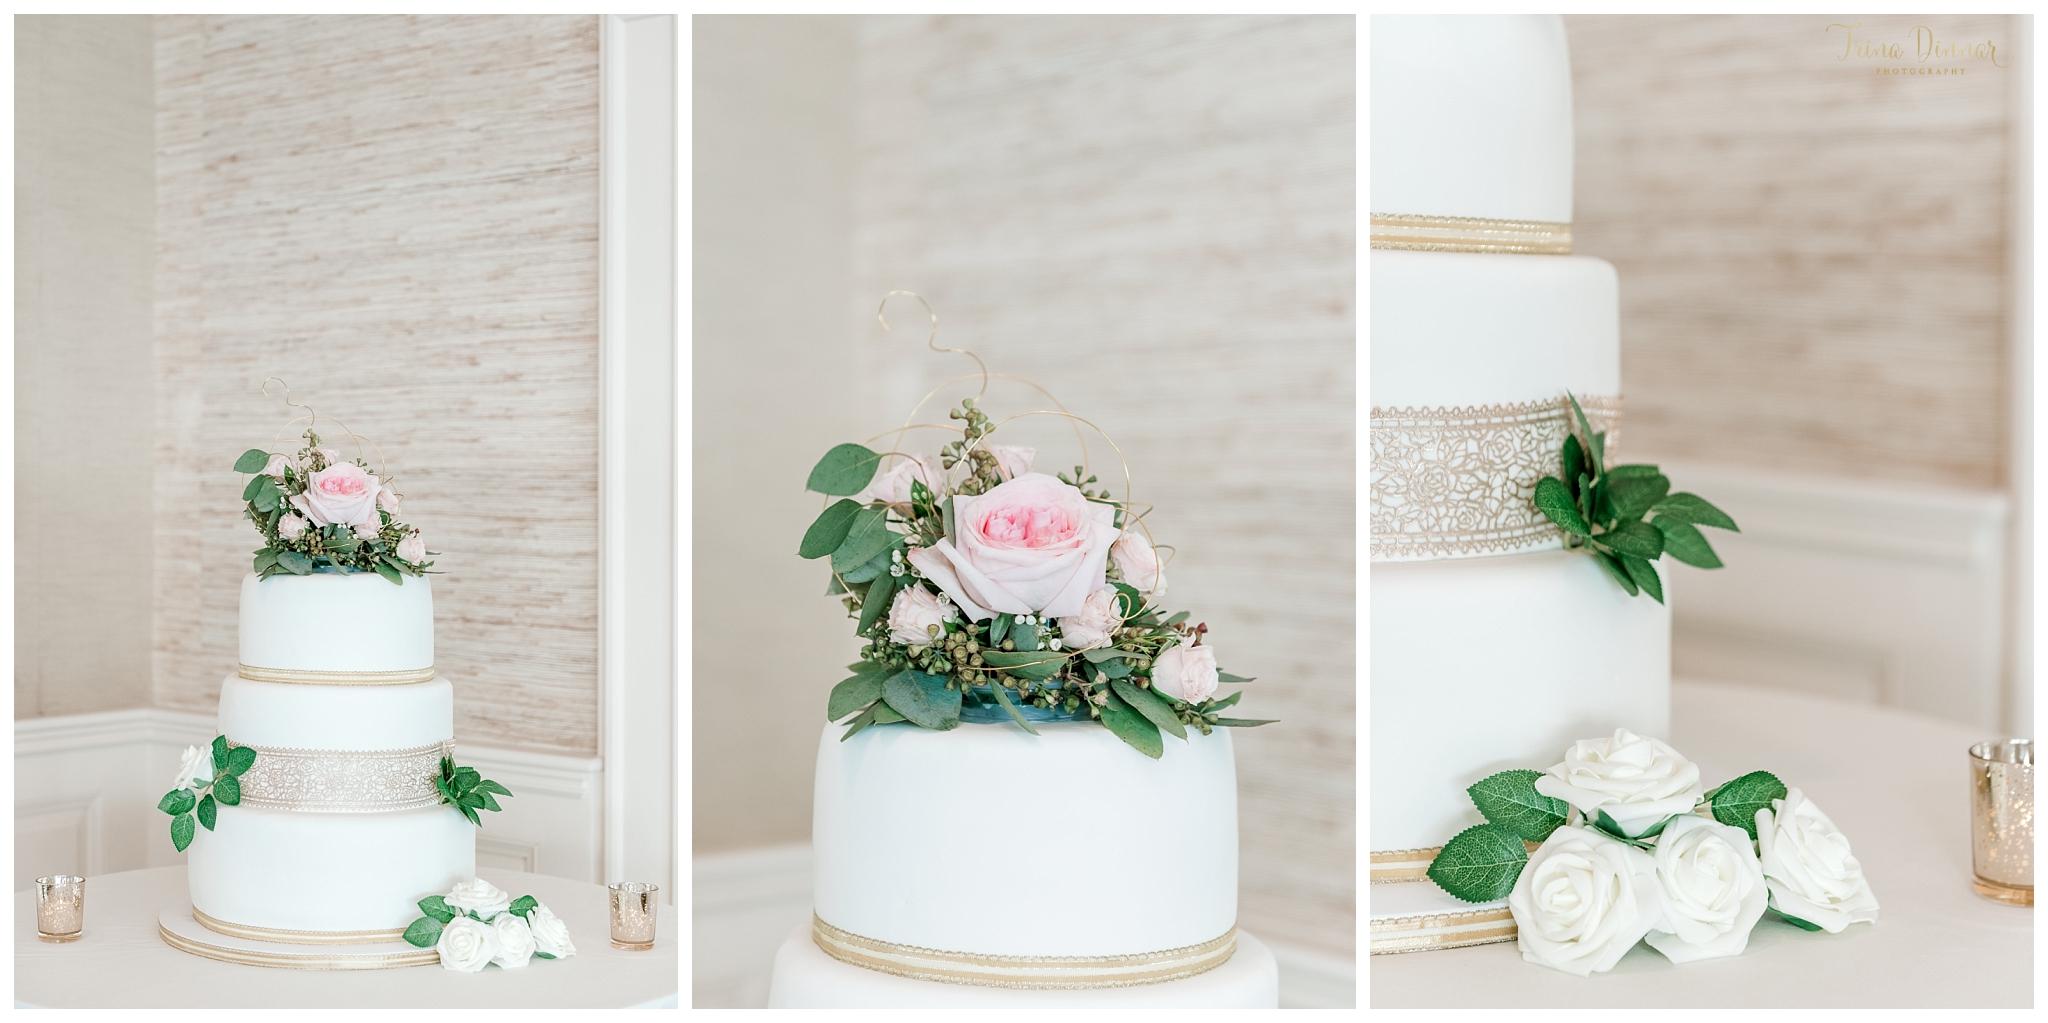 Hana Cakes - Hana Thurston Maine Wedding Baker